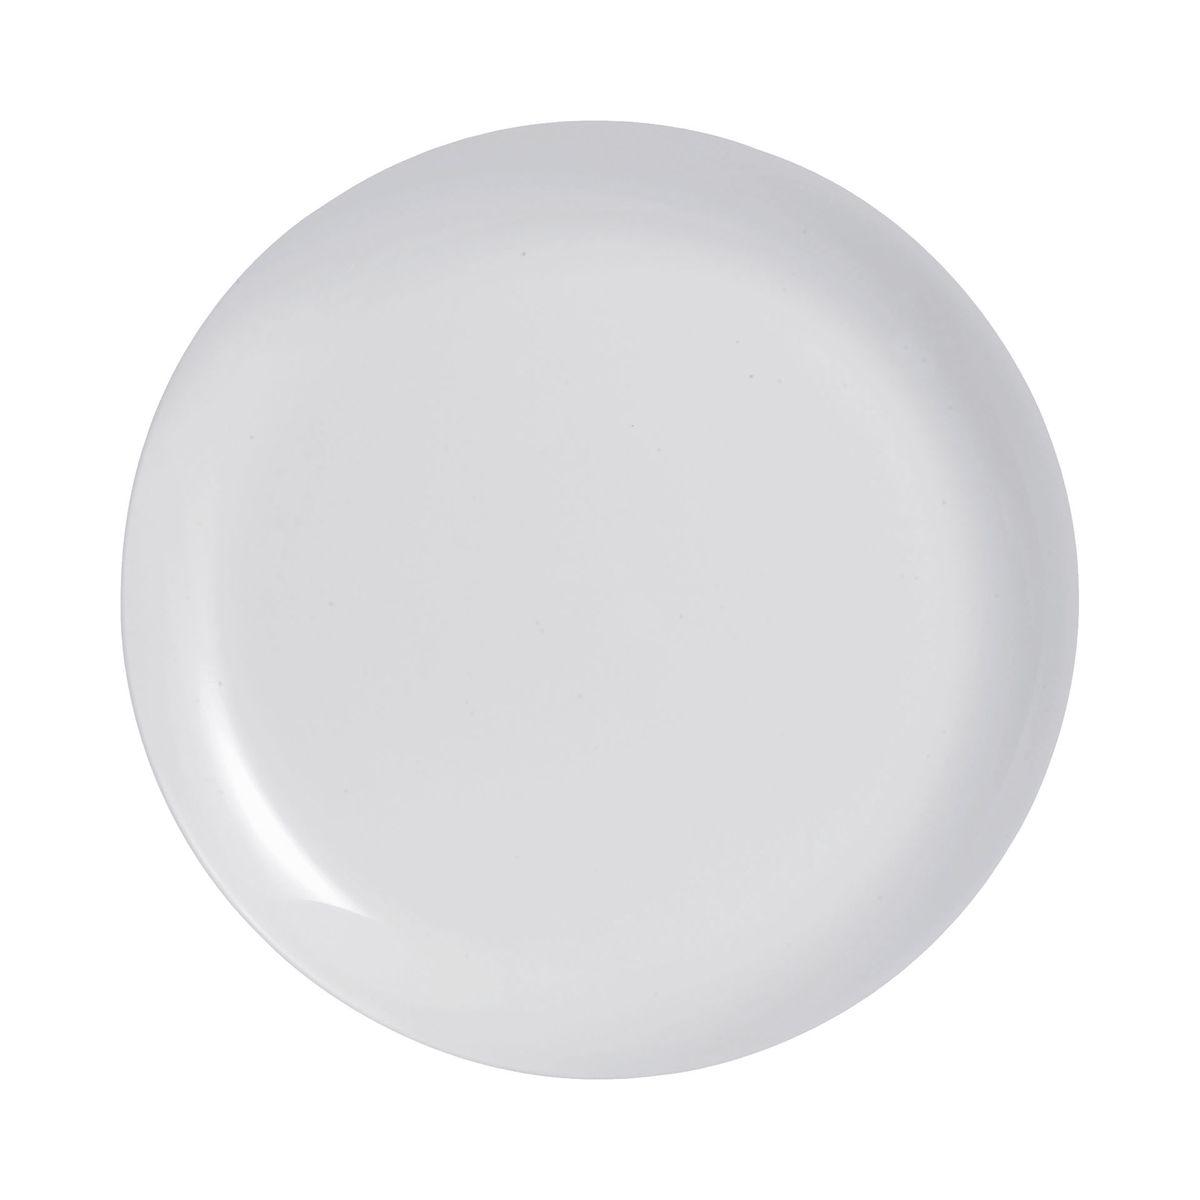 Assiette plate grise en verre opale extra résistant D25cm